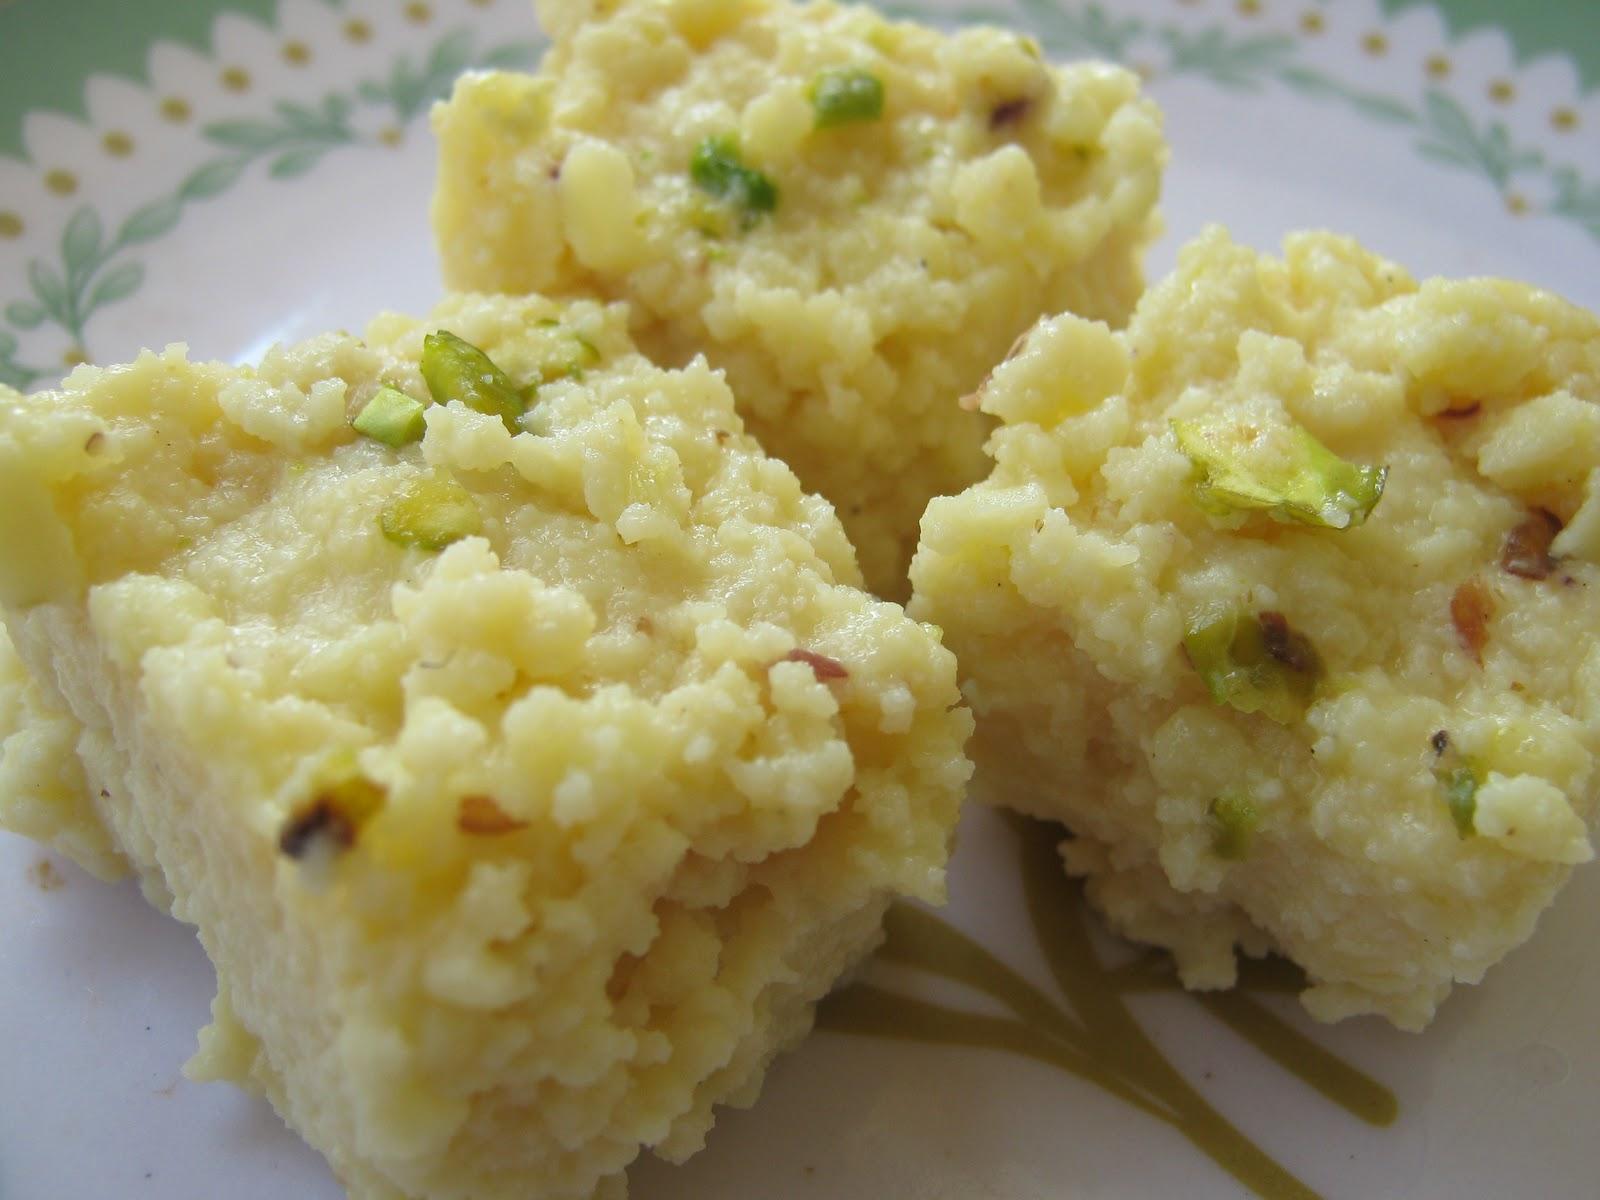 ஜெய்ப்பூர் ராஜகம்பீரமும்  உணவுச்சுவையும் Best_food_kalakand_in_jaipur1